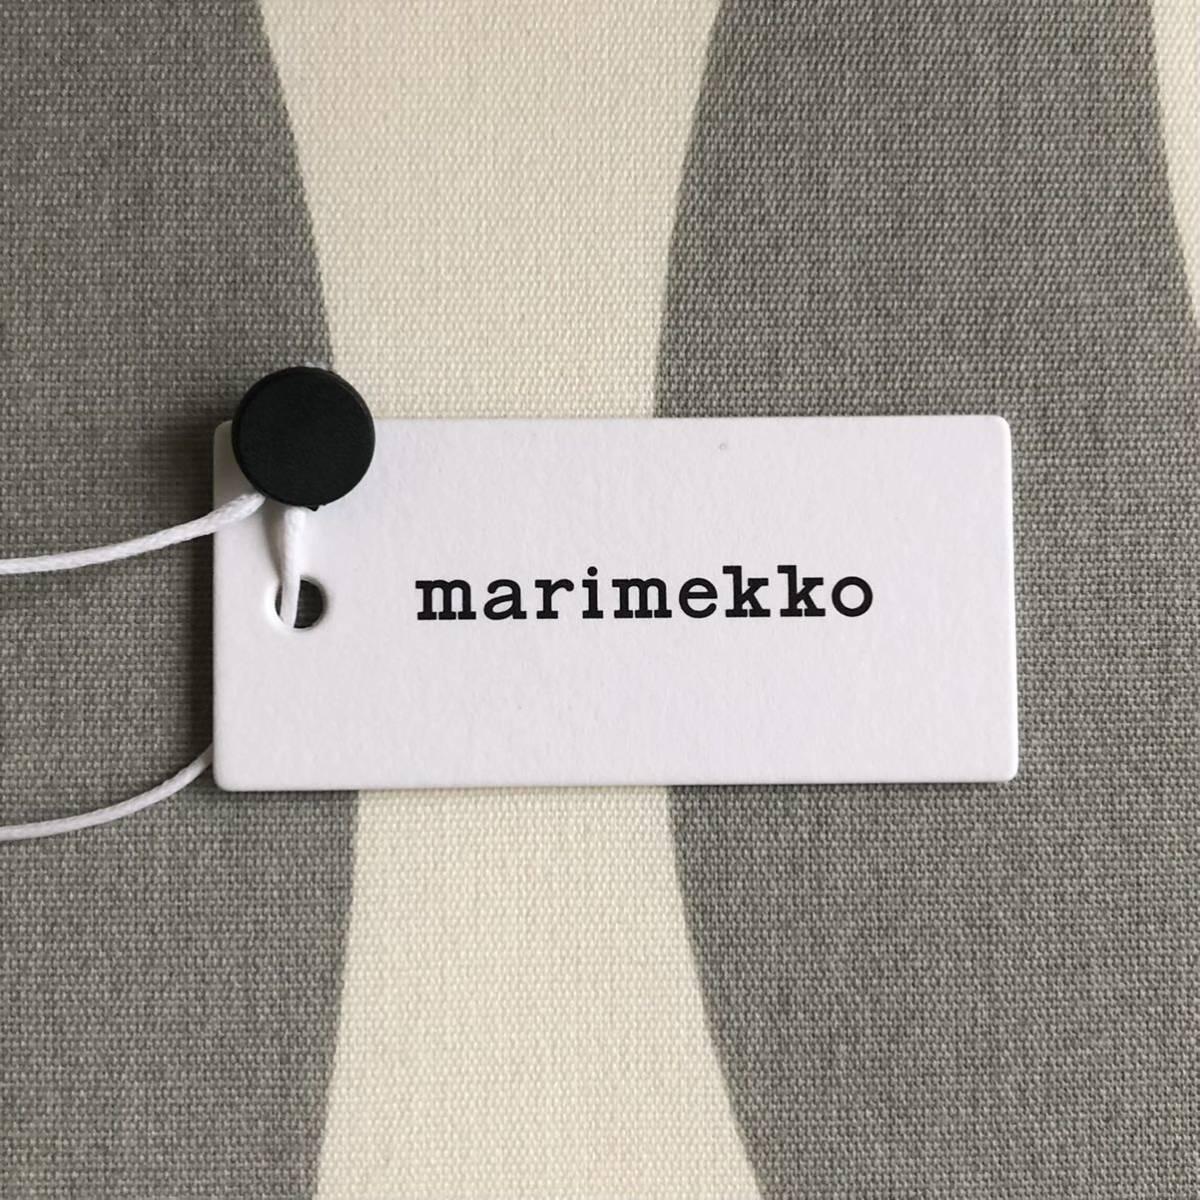 新品 marimekko Joukkio Logo マリロゴ キーリング キーチェーン キーホルダー